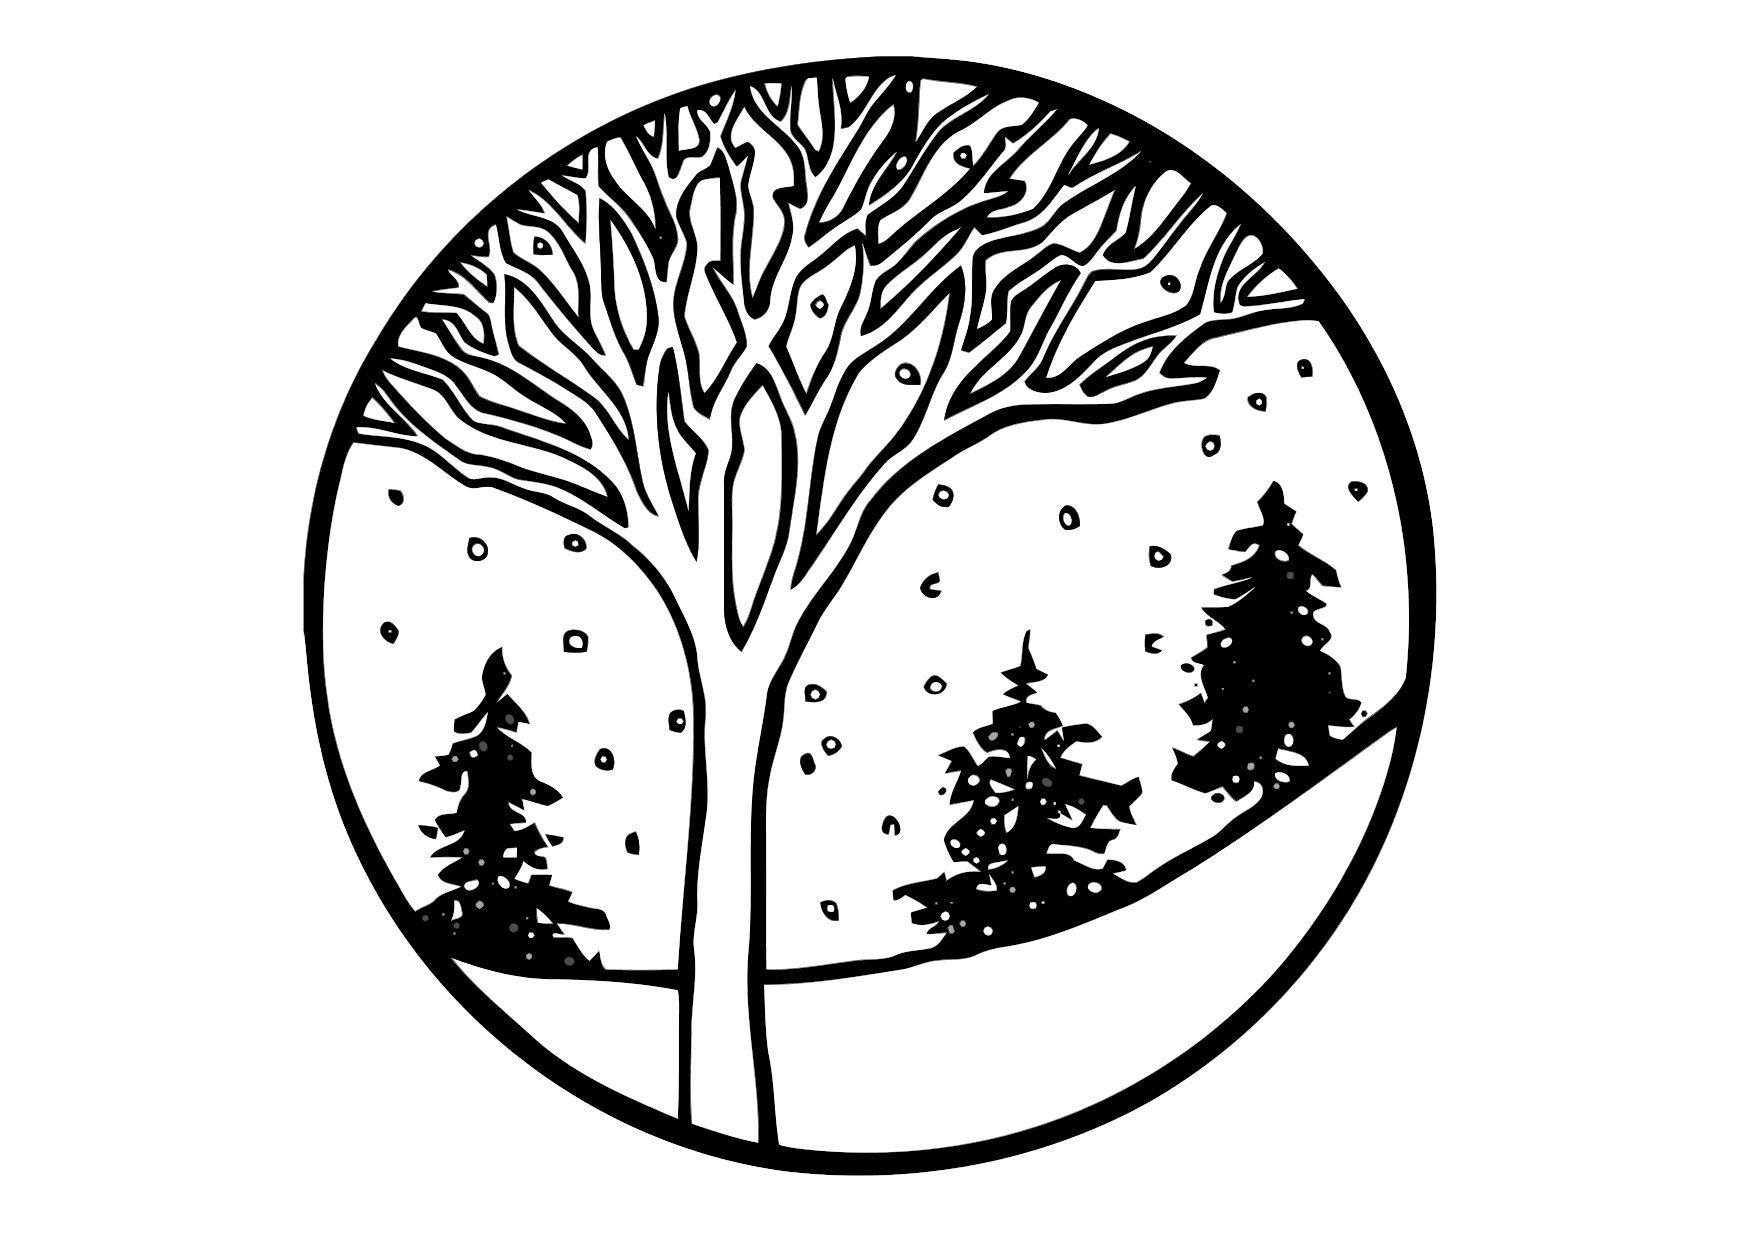 Kleurplaten Seizoen Winter.Kleurplaat Winter Afb 11369 Images